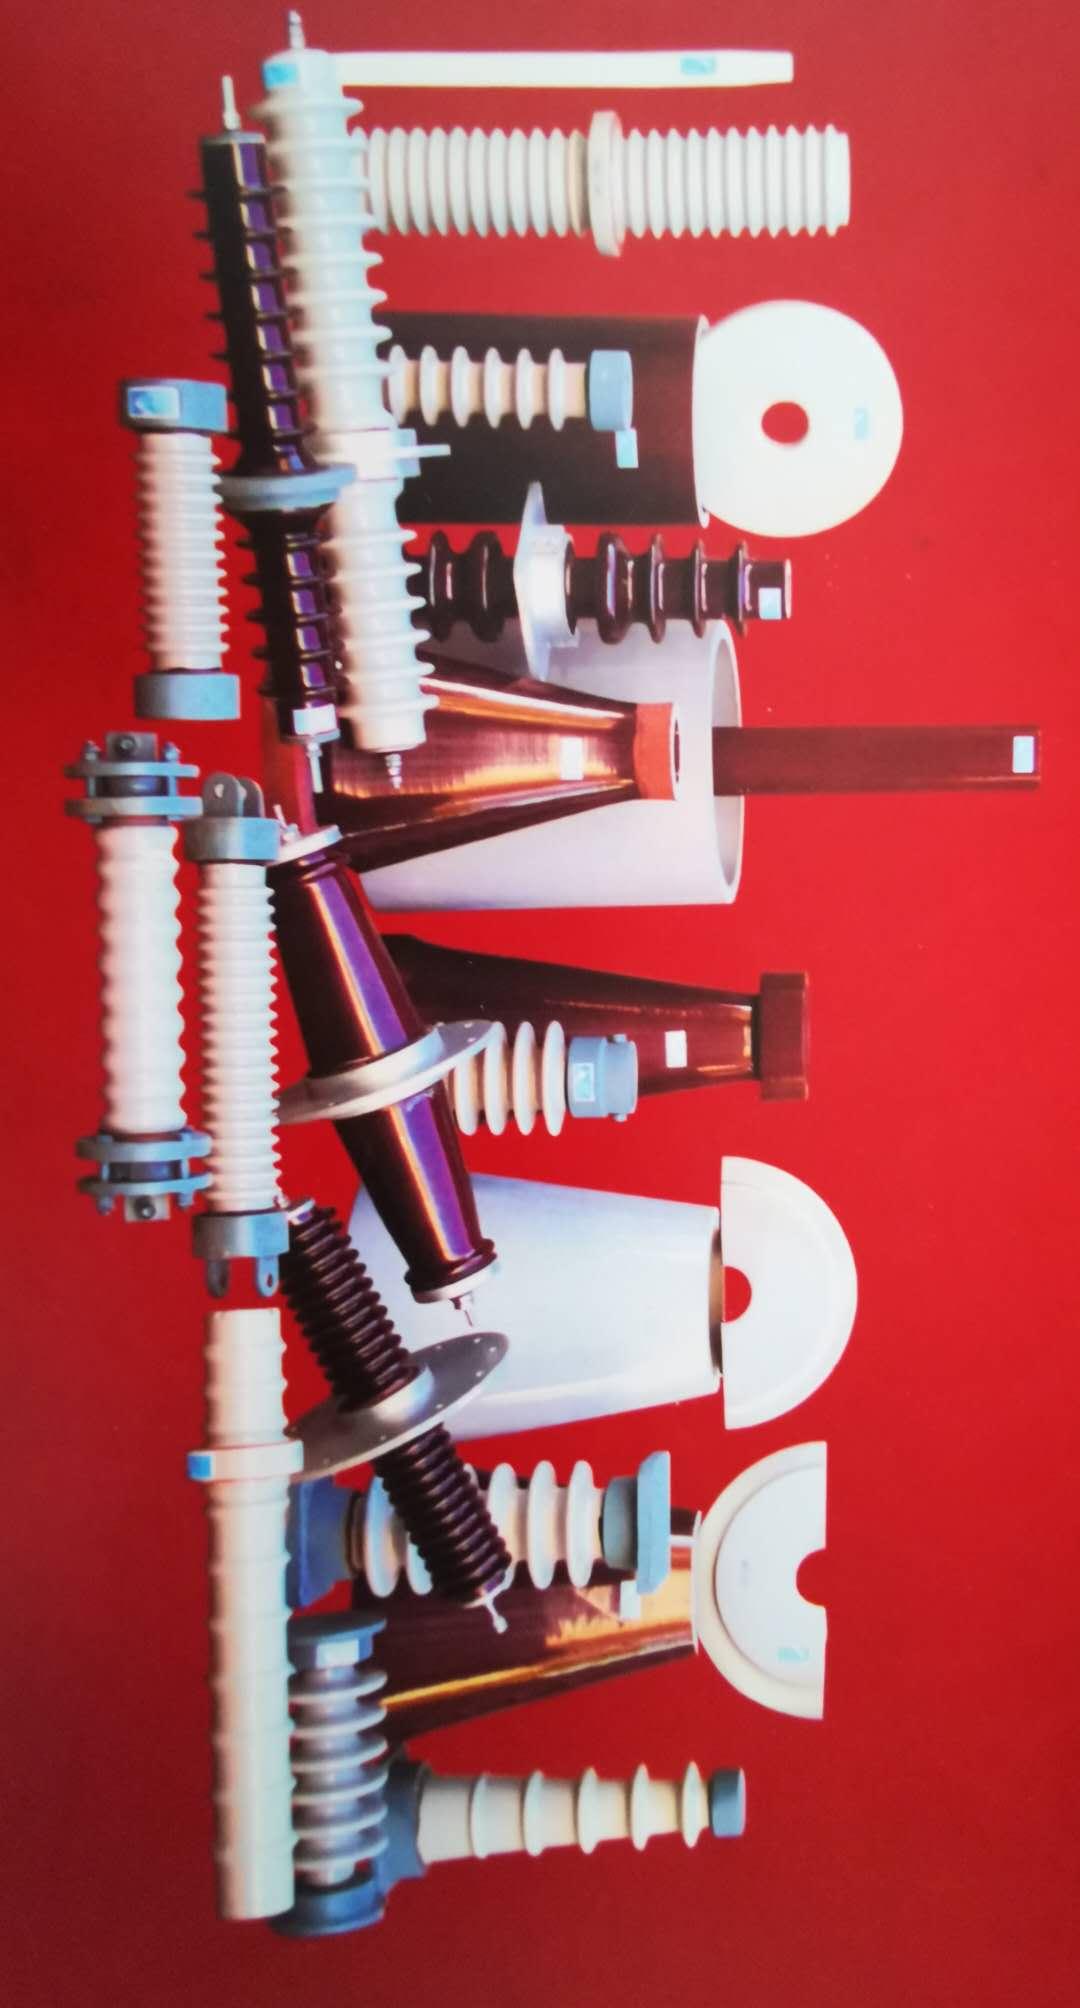 瓷套筒 HYYL681095,φ550mm*410mm,材质高压电磁白釉,电晕